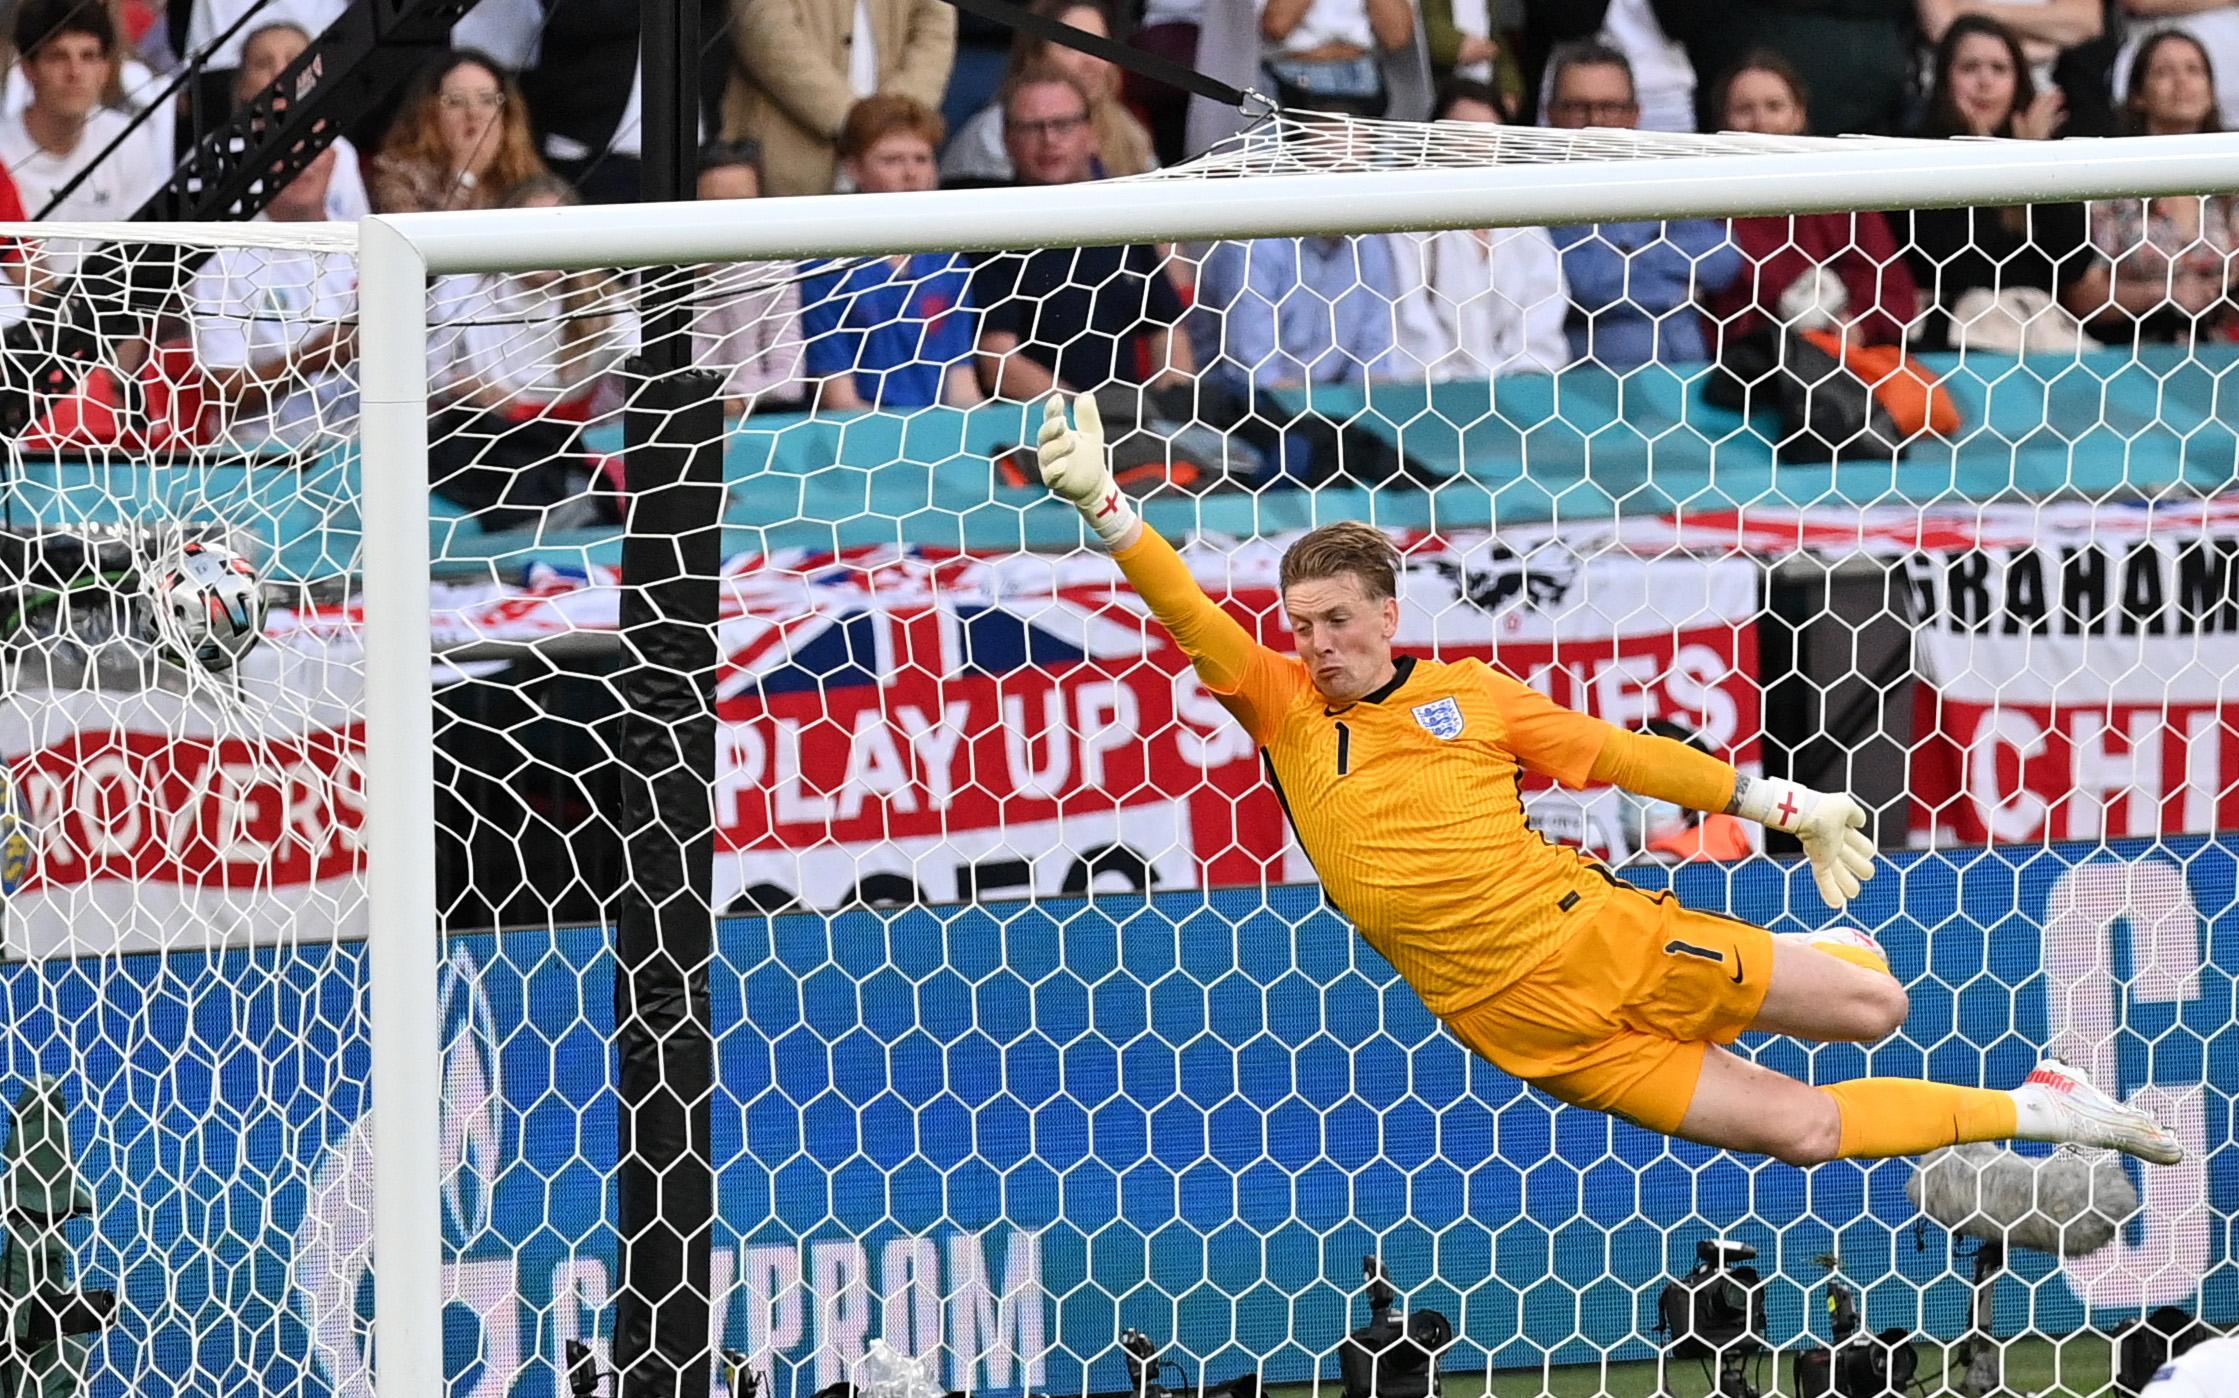 Pickford nhận bàn thua đầu tiên tại Euro 2021 trong trận bán kết Đan Mạch. Ảnh: Reuters